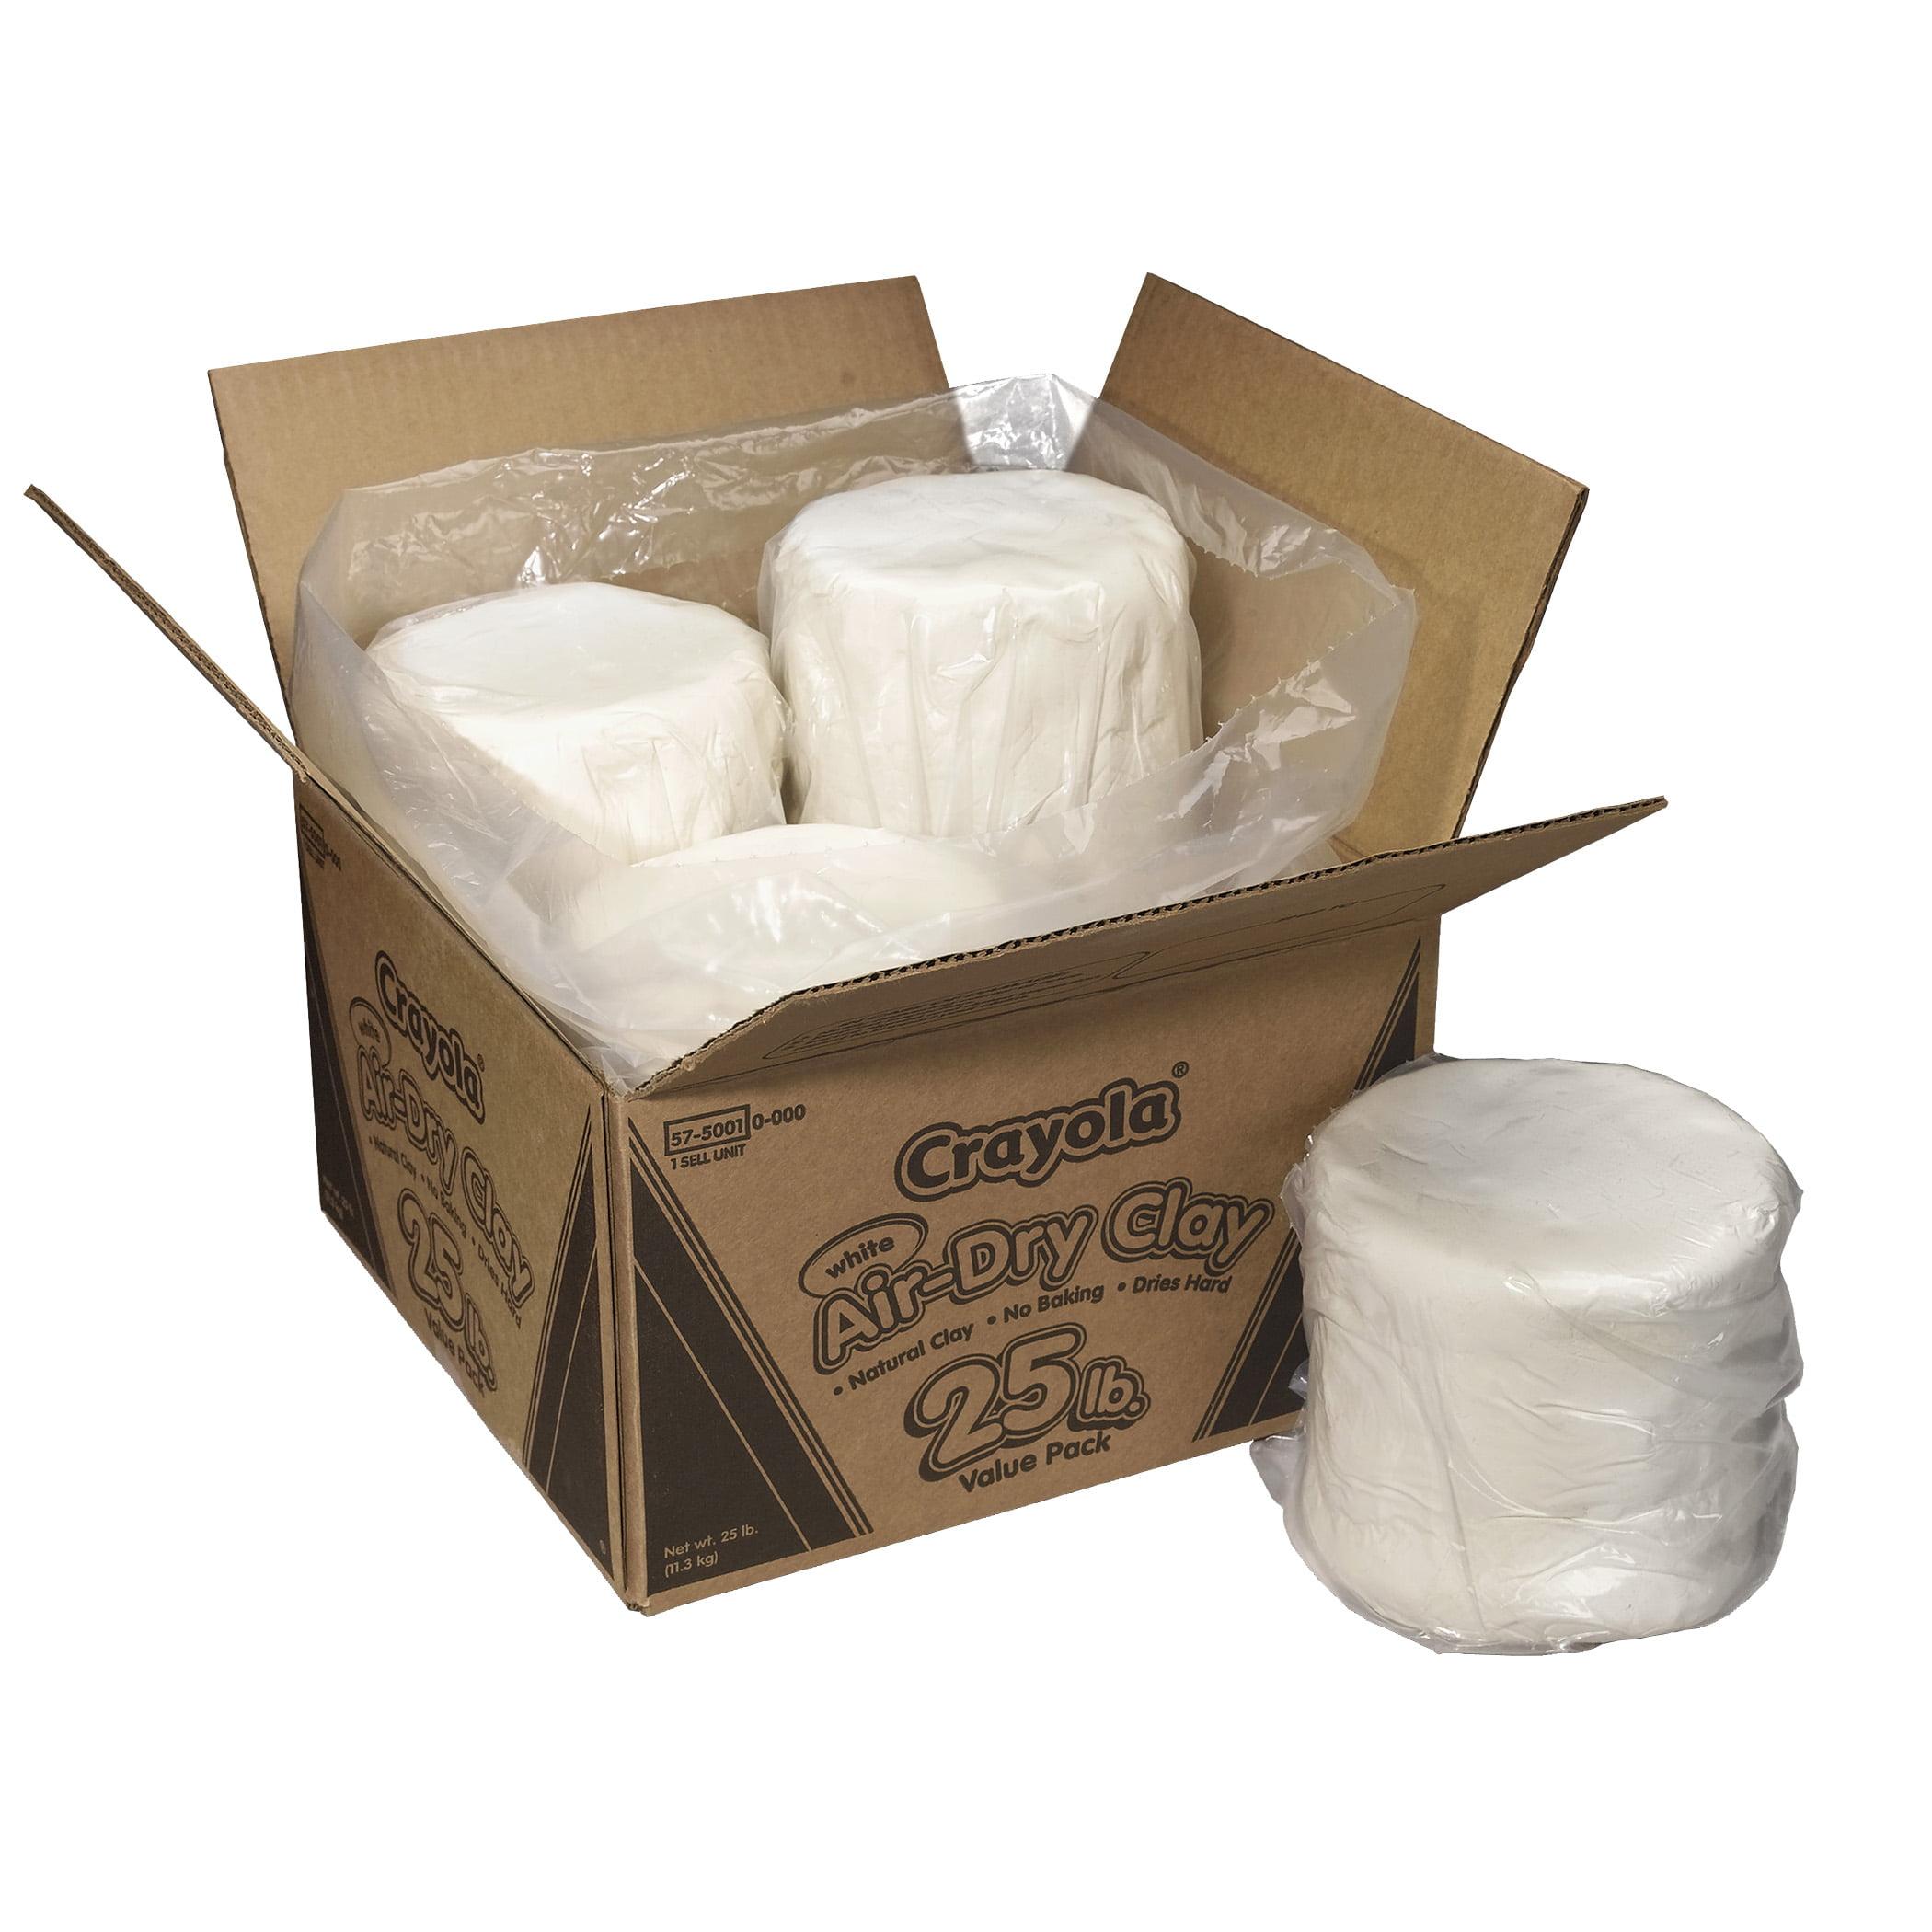 Crayola Air-Dry Clay, 25 lb. Box, White by Crayola LLC